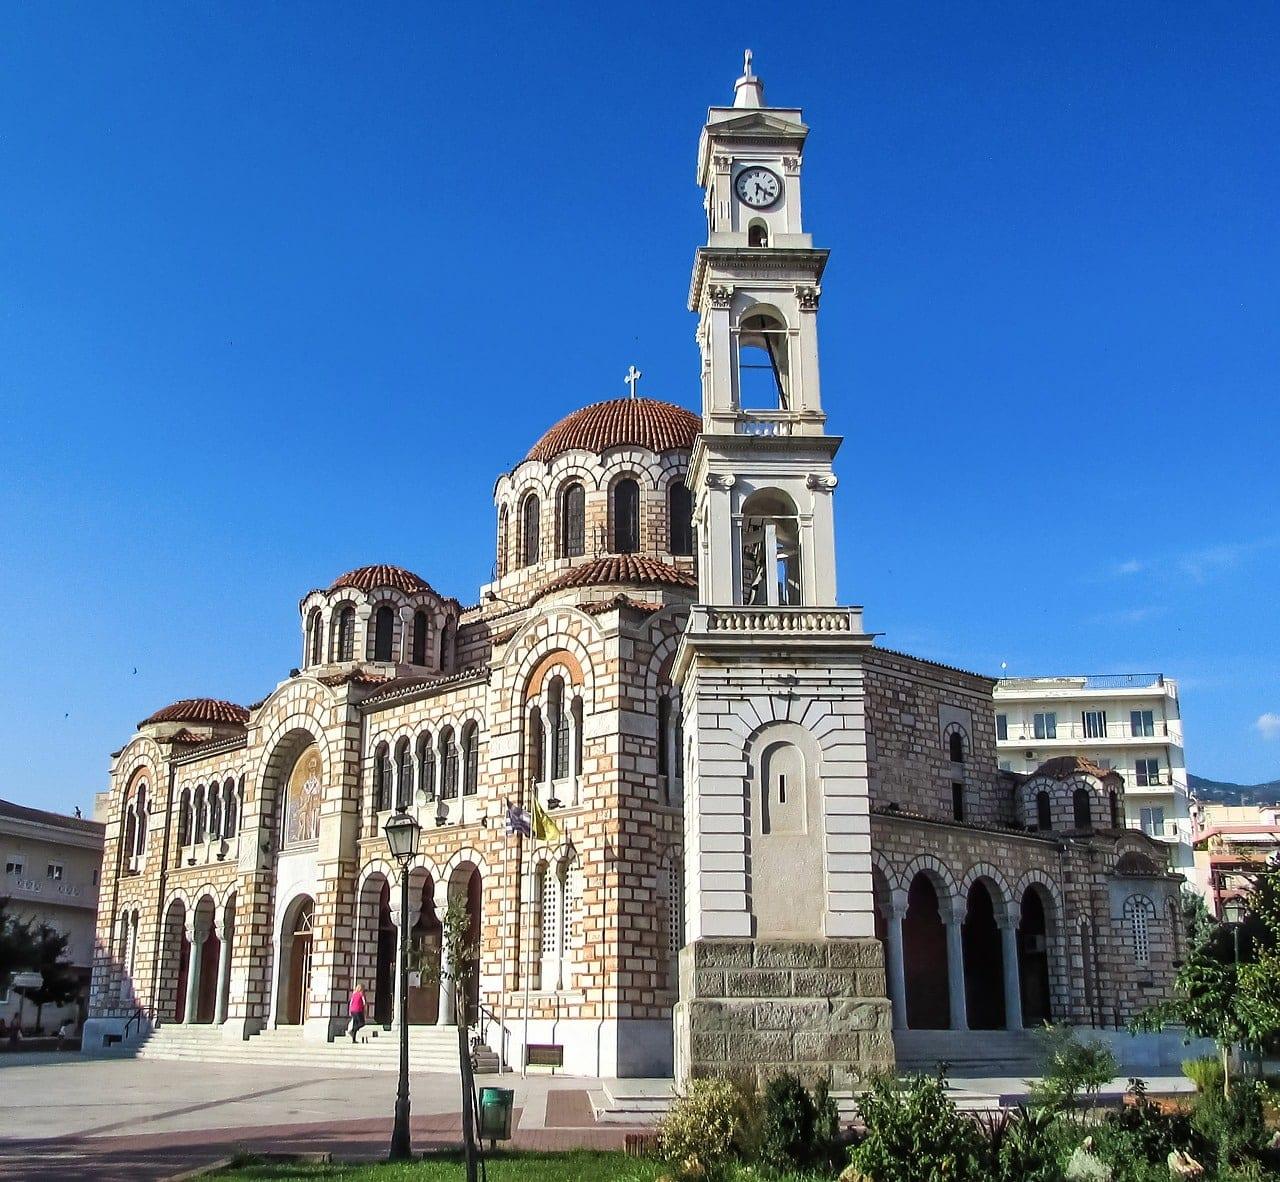 Γιορτή σήμερα 4 Ιουλίου Εορτολόγιο ΕΜΥ Καιρός σε Αθήνα Θεσσαλονίκη